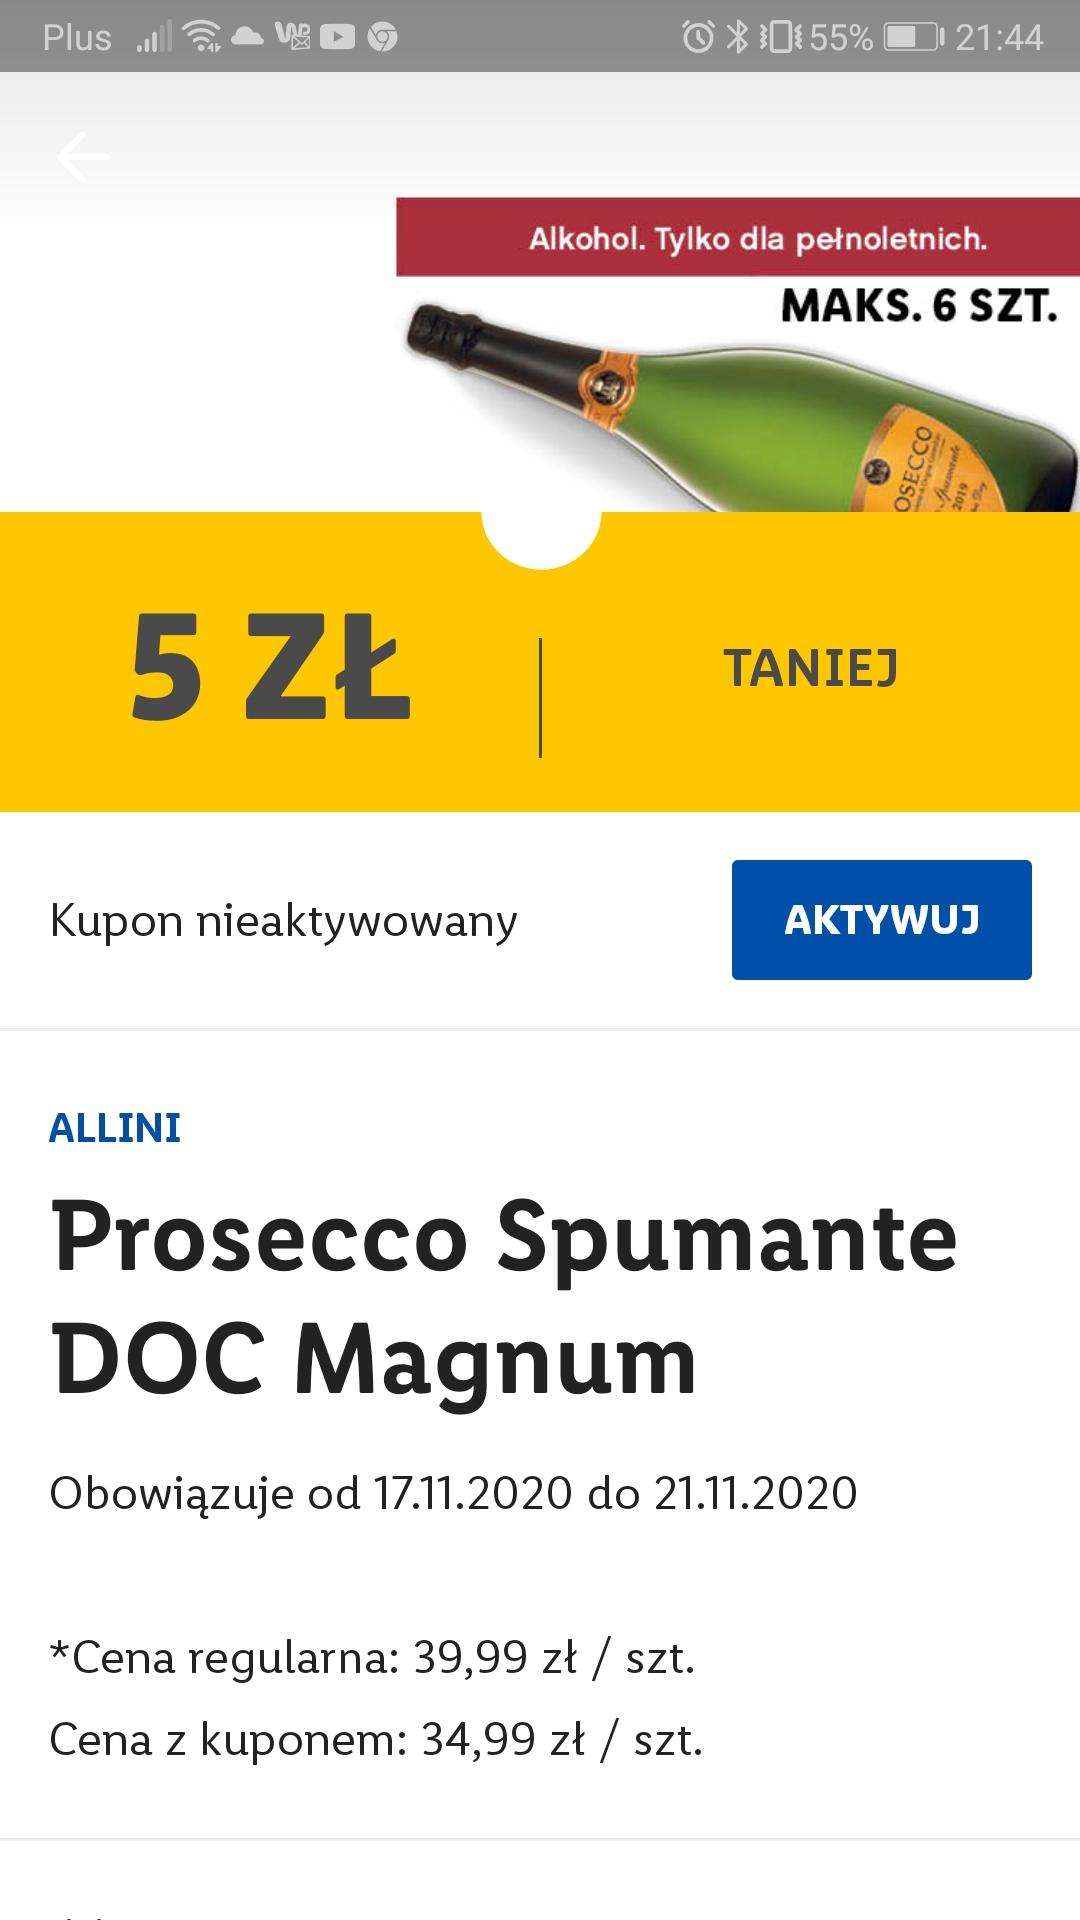 Prosecco 1,5 l z aplikację Lidl Plus 5 PLN taniej